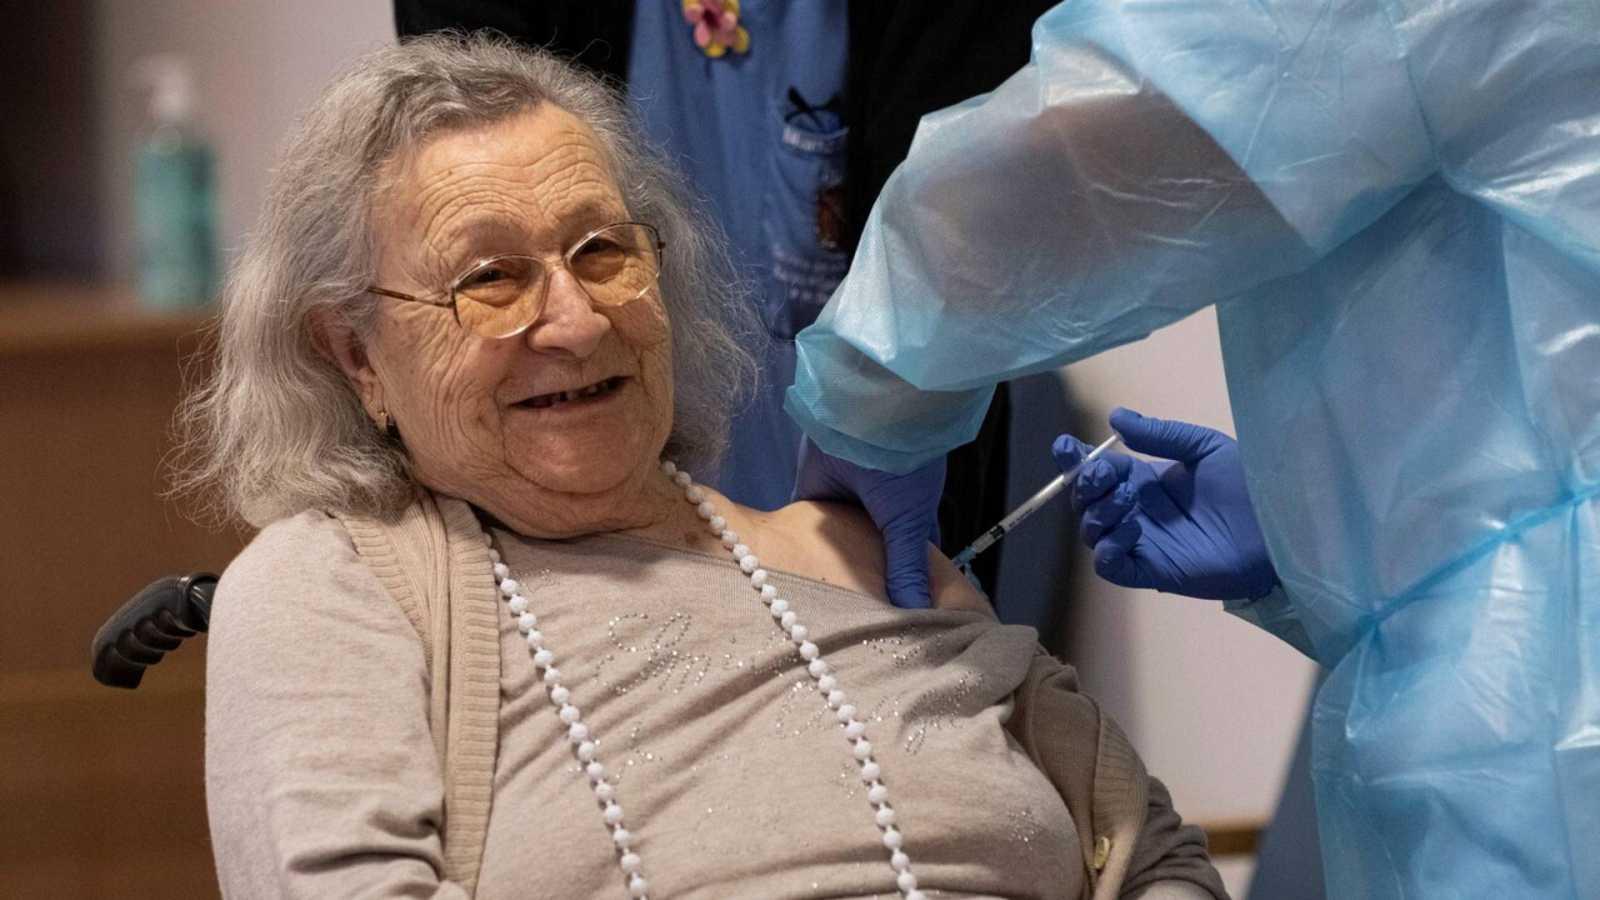 20 horas informativos Fin de semana - Los mayores residentes felices de recibir una vacuna con la que esperan que la covid se vaya - Escuchar ahora